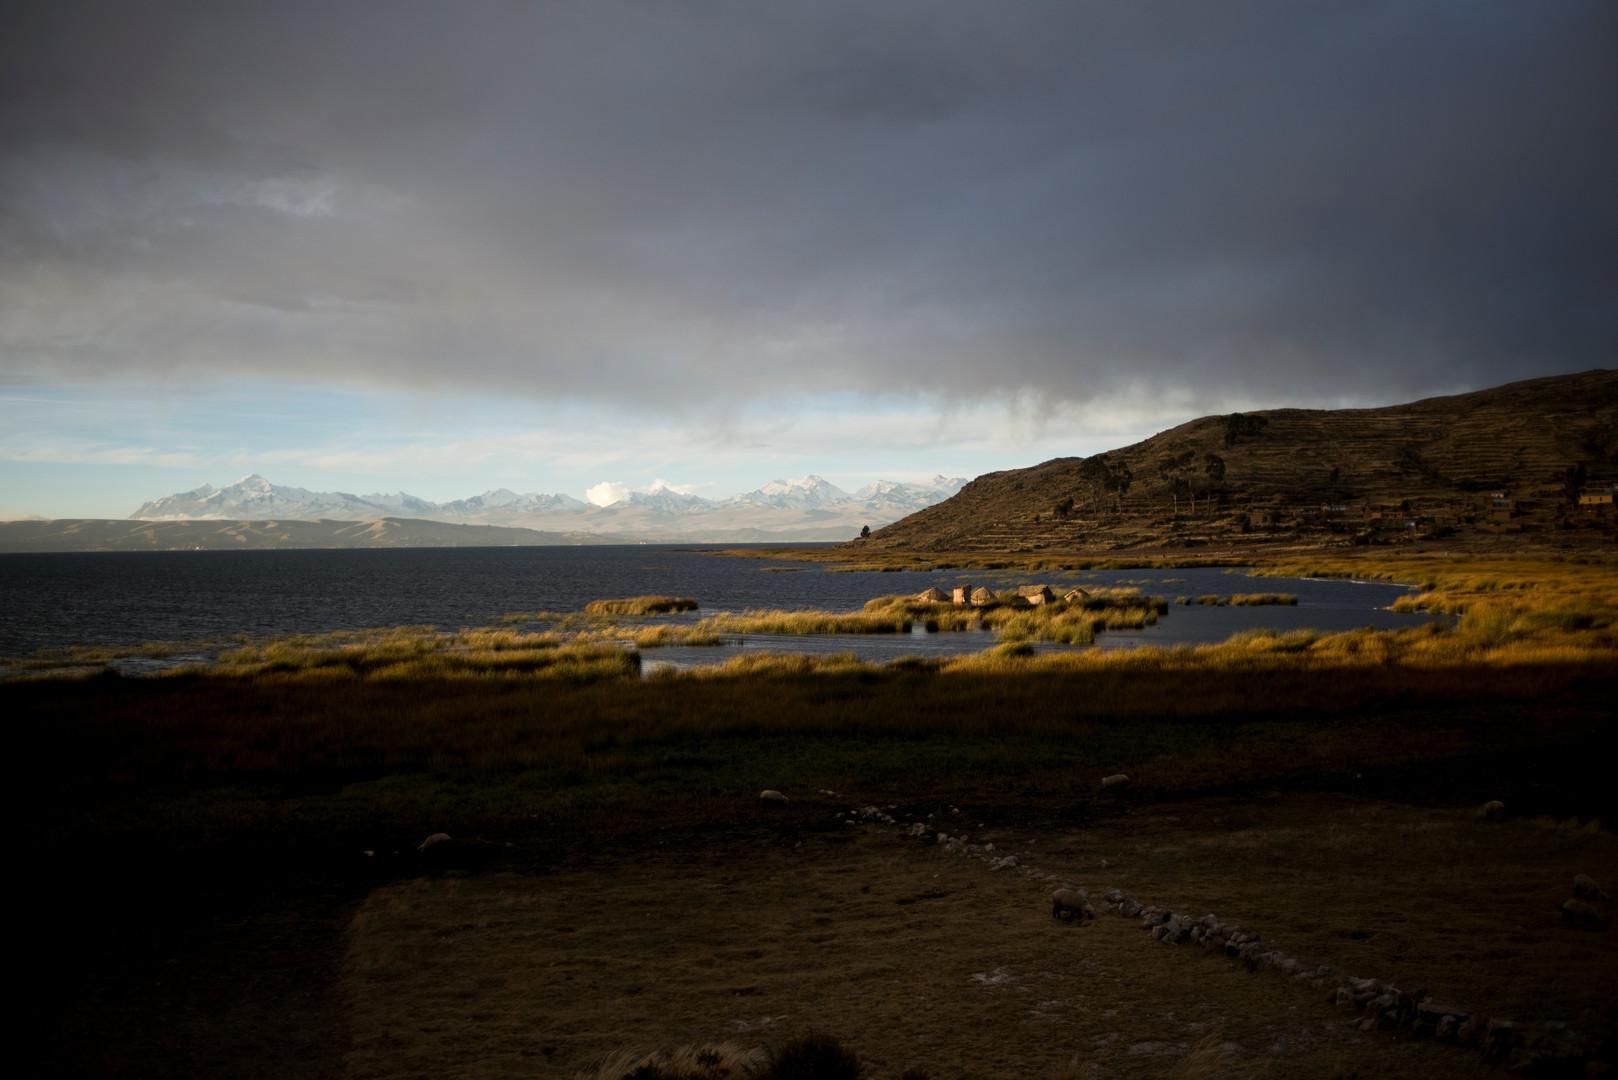 Häuser aus Totora-Schilf auf einer schwimmenden Insel am Titicacasee